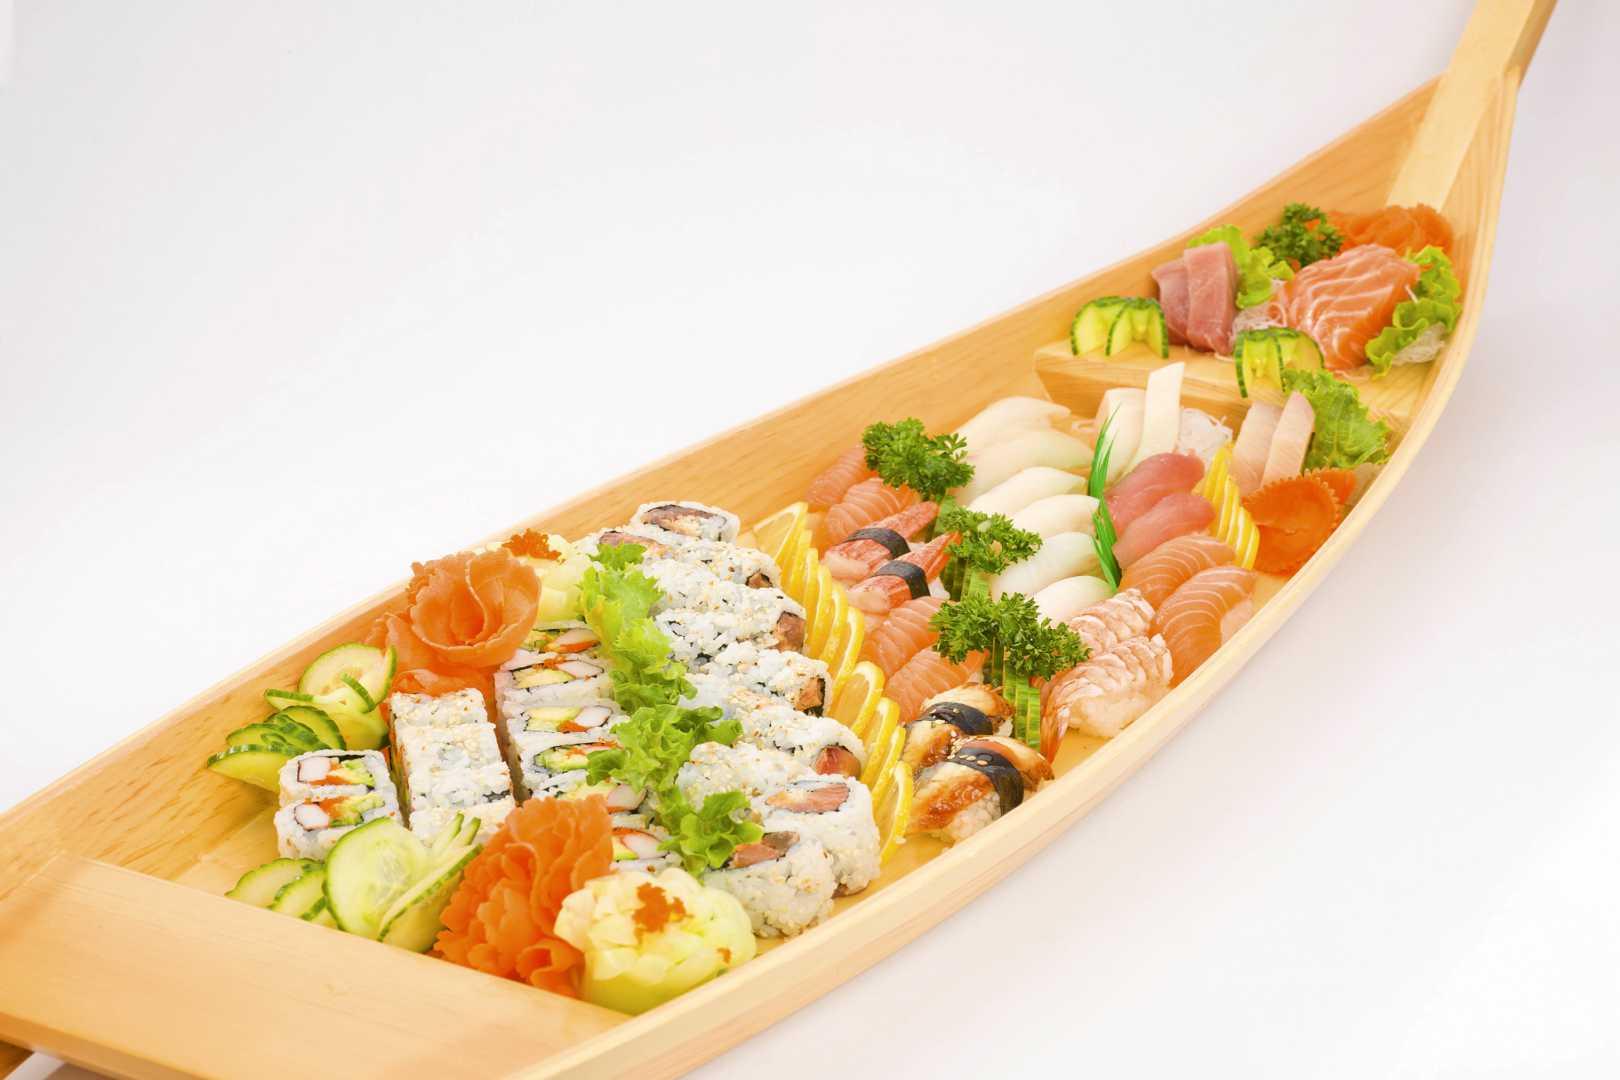 Sushi, Maki, Sashimi Boat